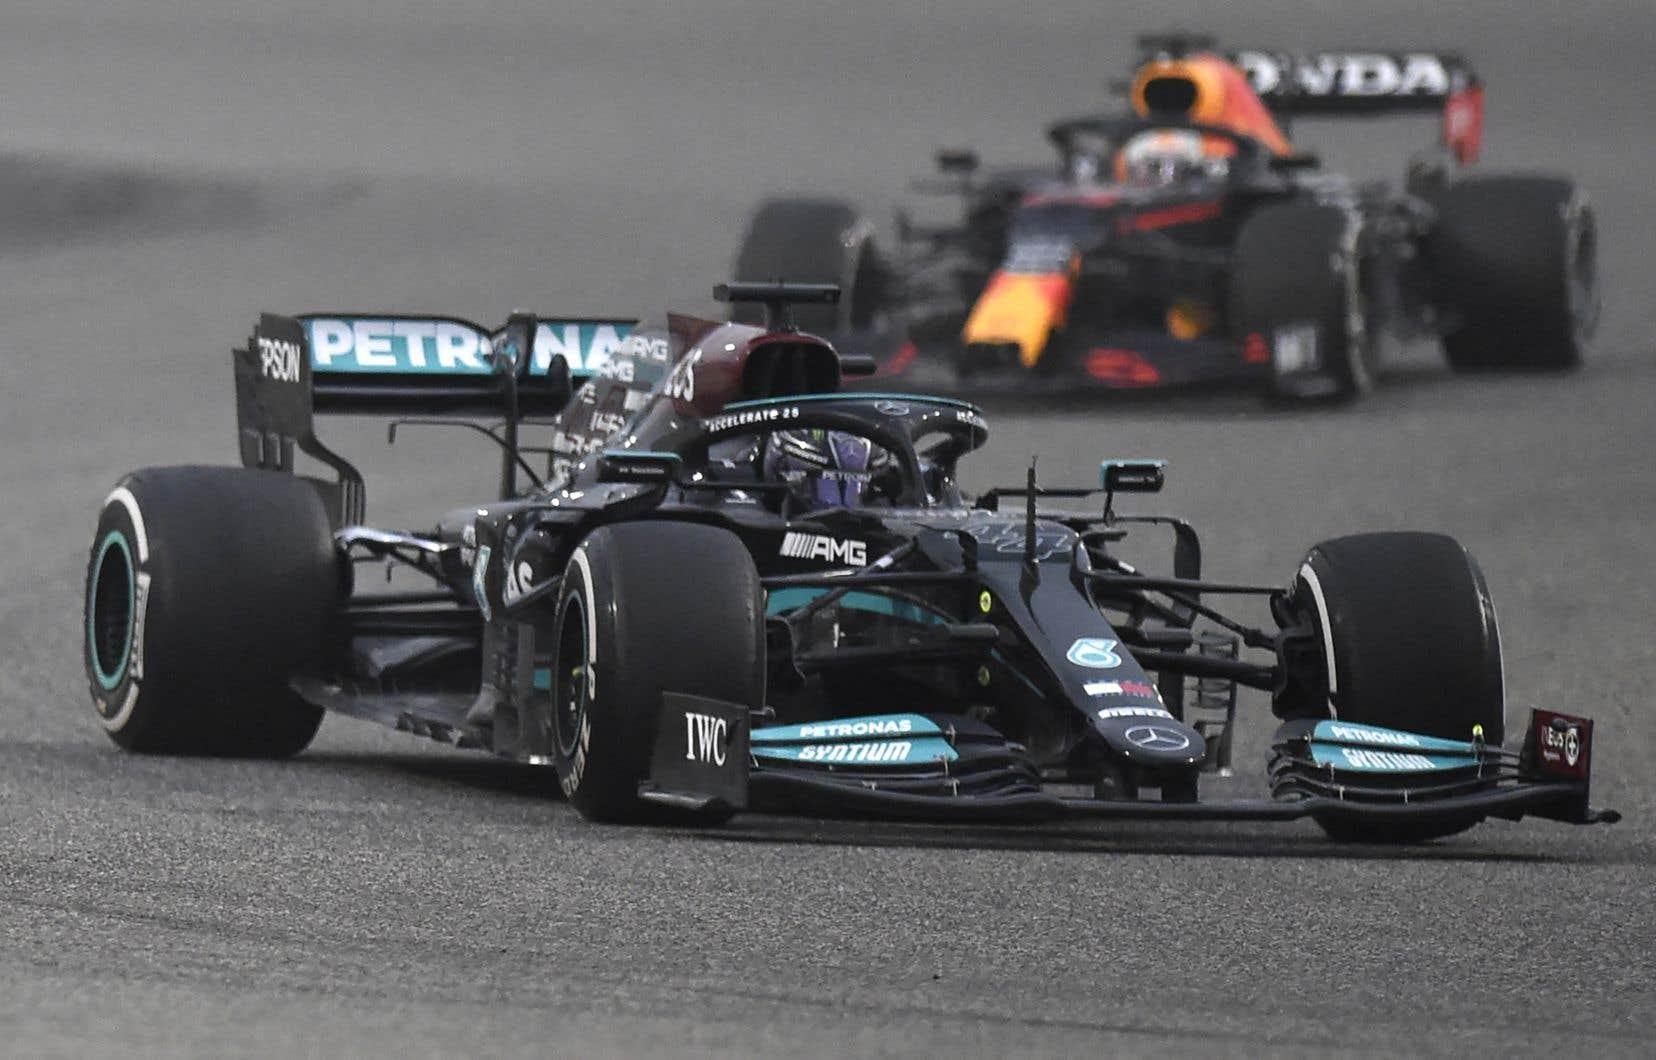 Lewis Hamilton et son principal adversaire Max Verstappen, photographiés le 12 mars dernier à Bahreïn, se livreront une chaude lutte cette saison.